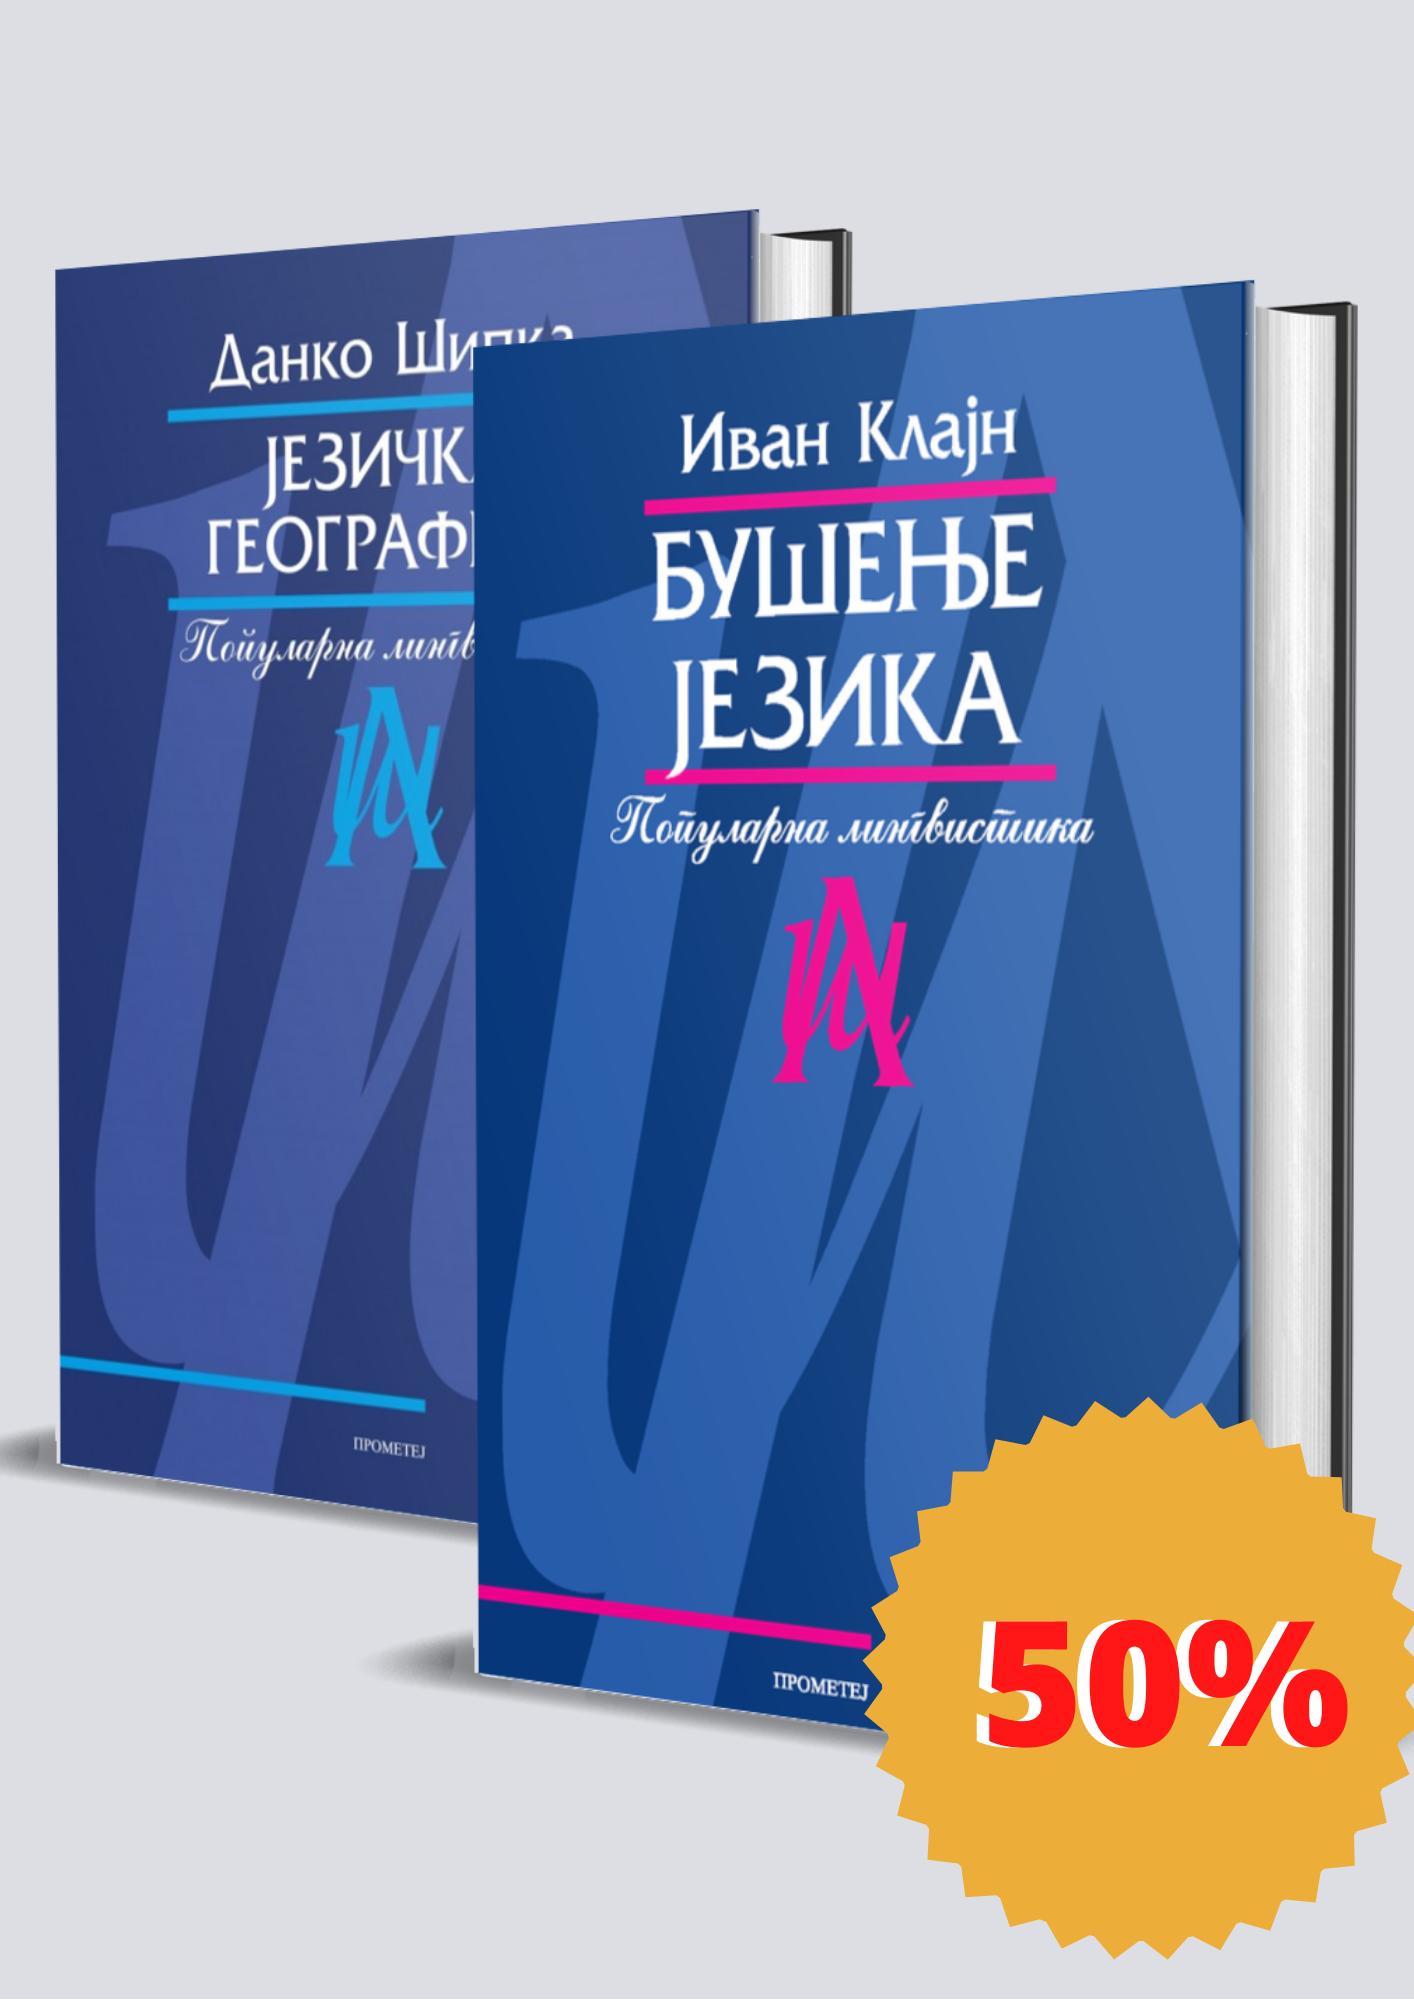 Популарна лингвистика III – 2 књиге по цени једне